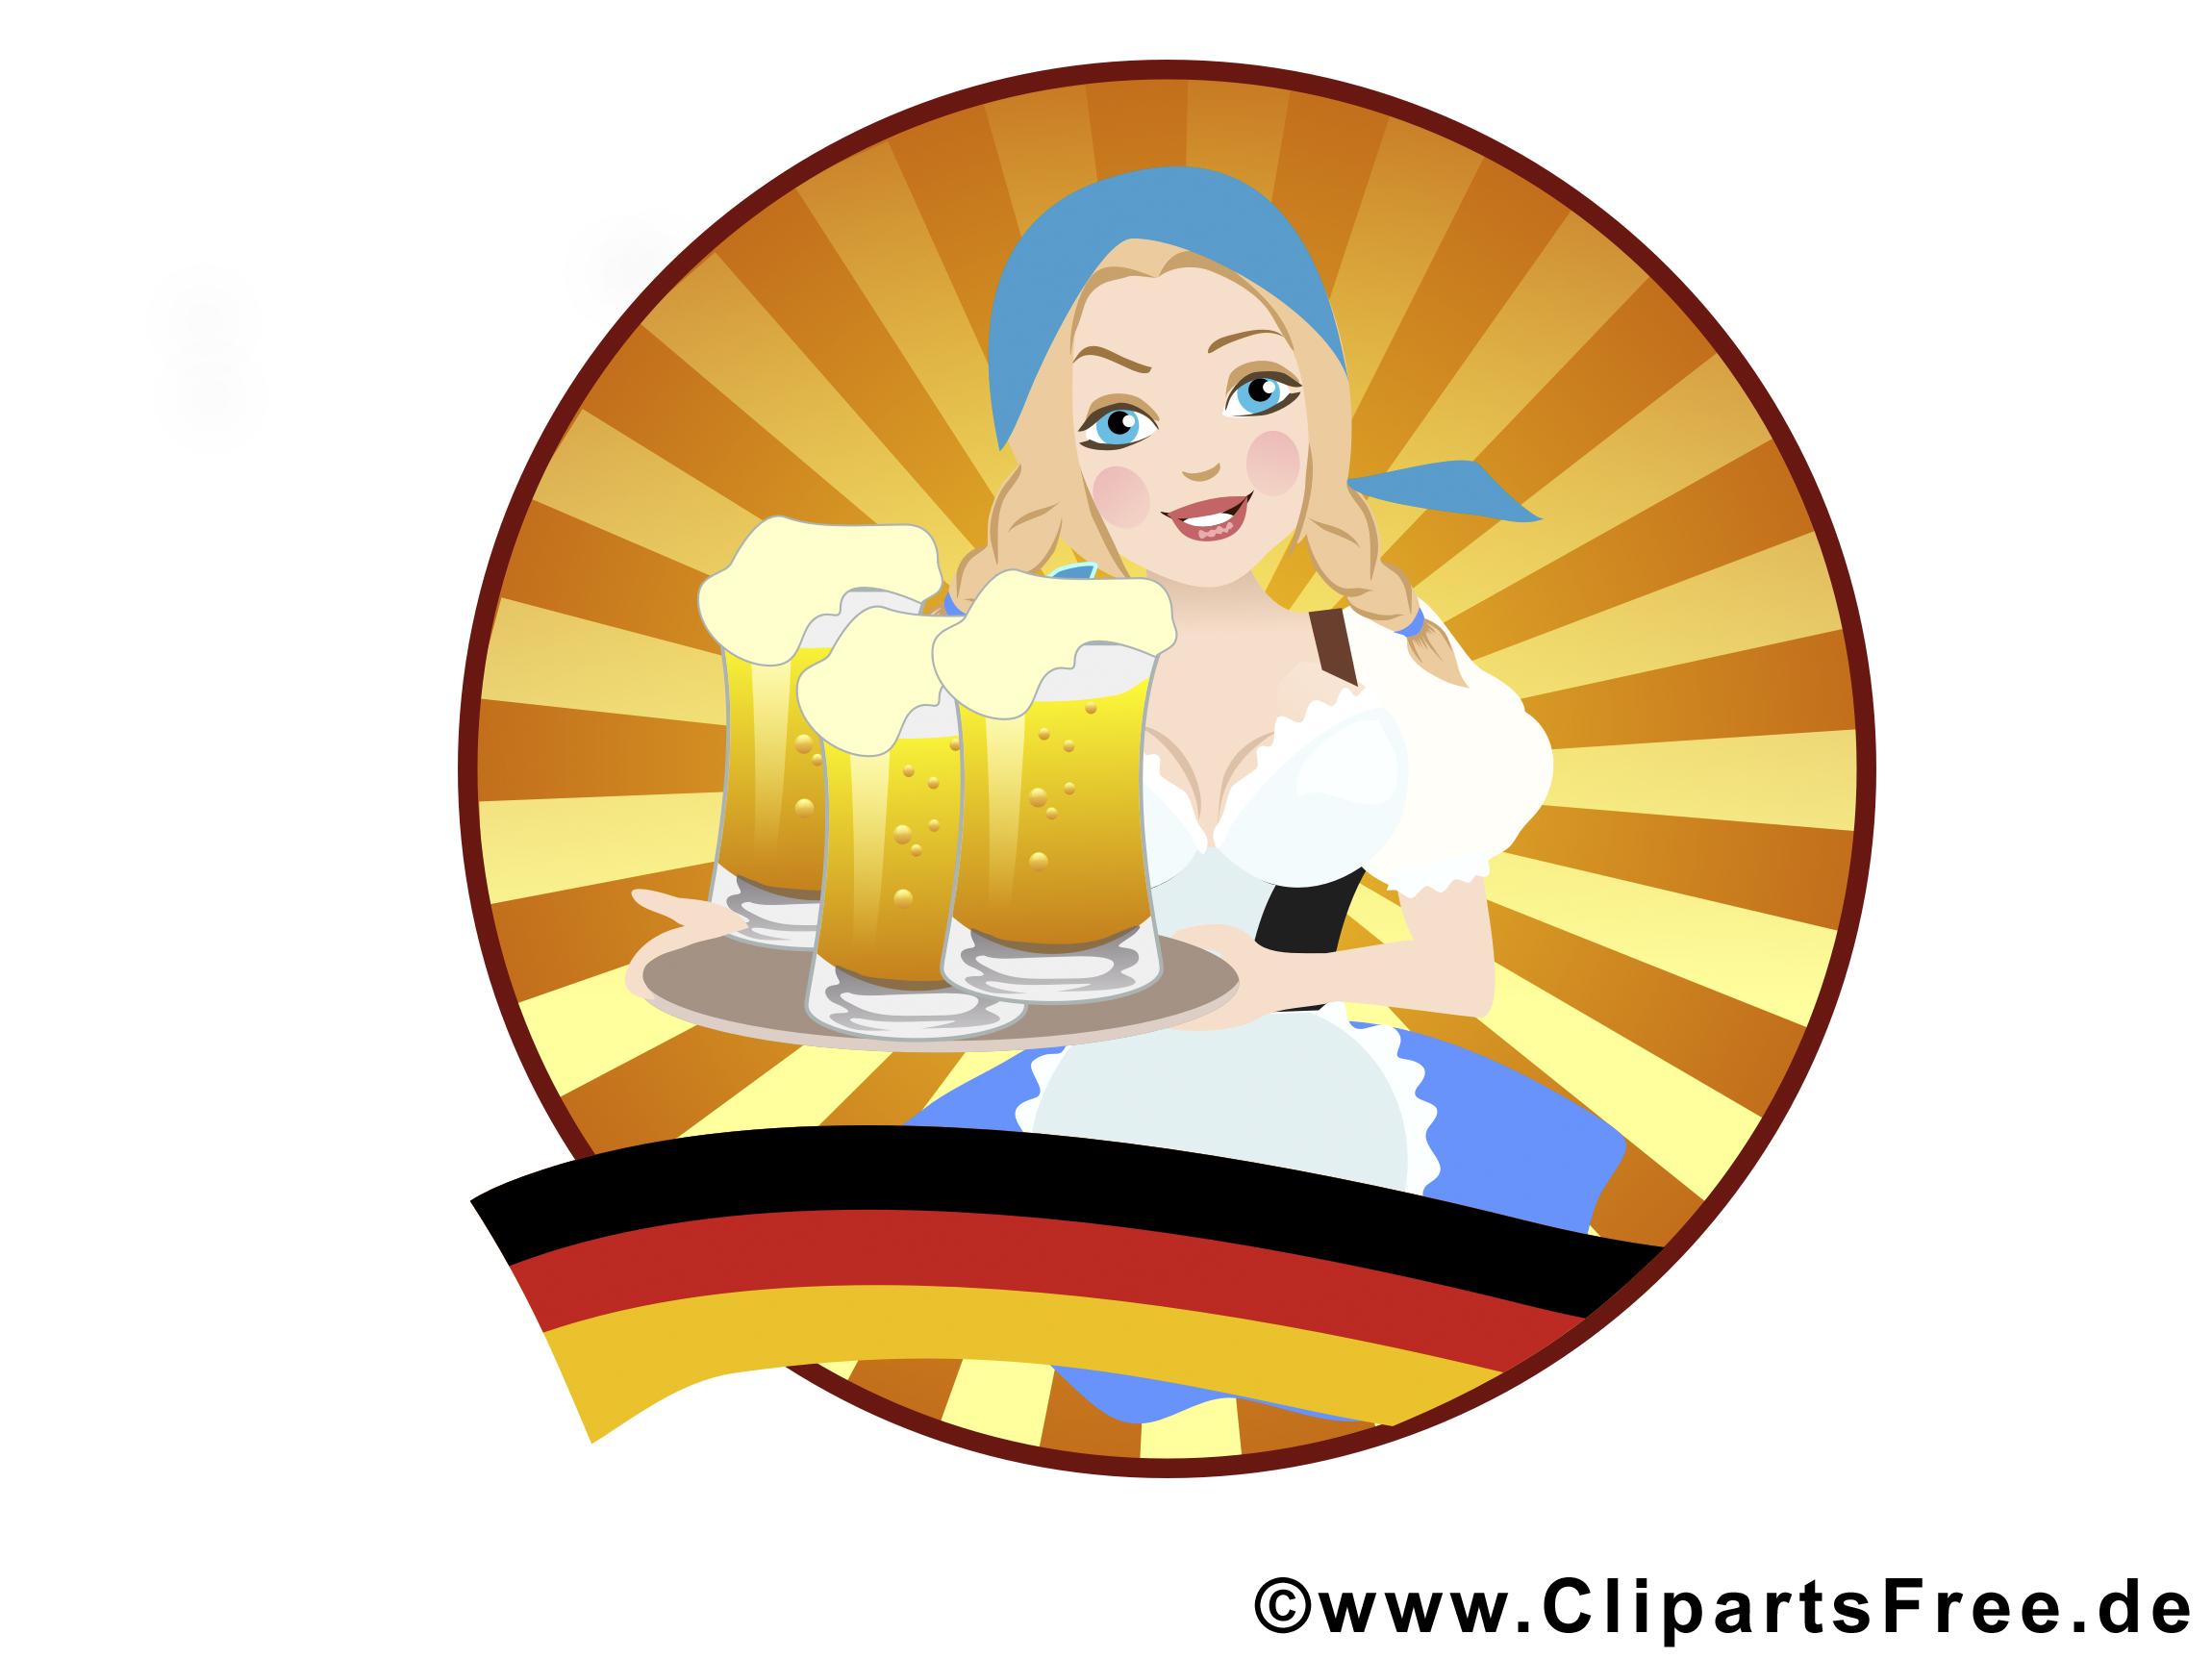 Oktoberfest Bedienung, Mädchen in Trachten mit Bier Bilder